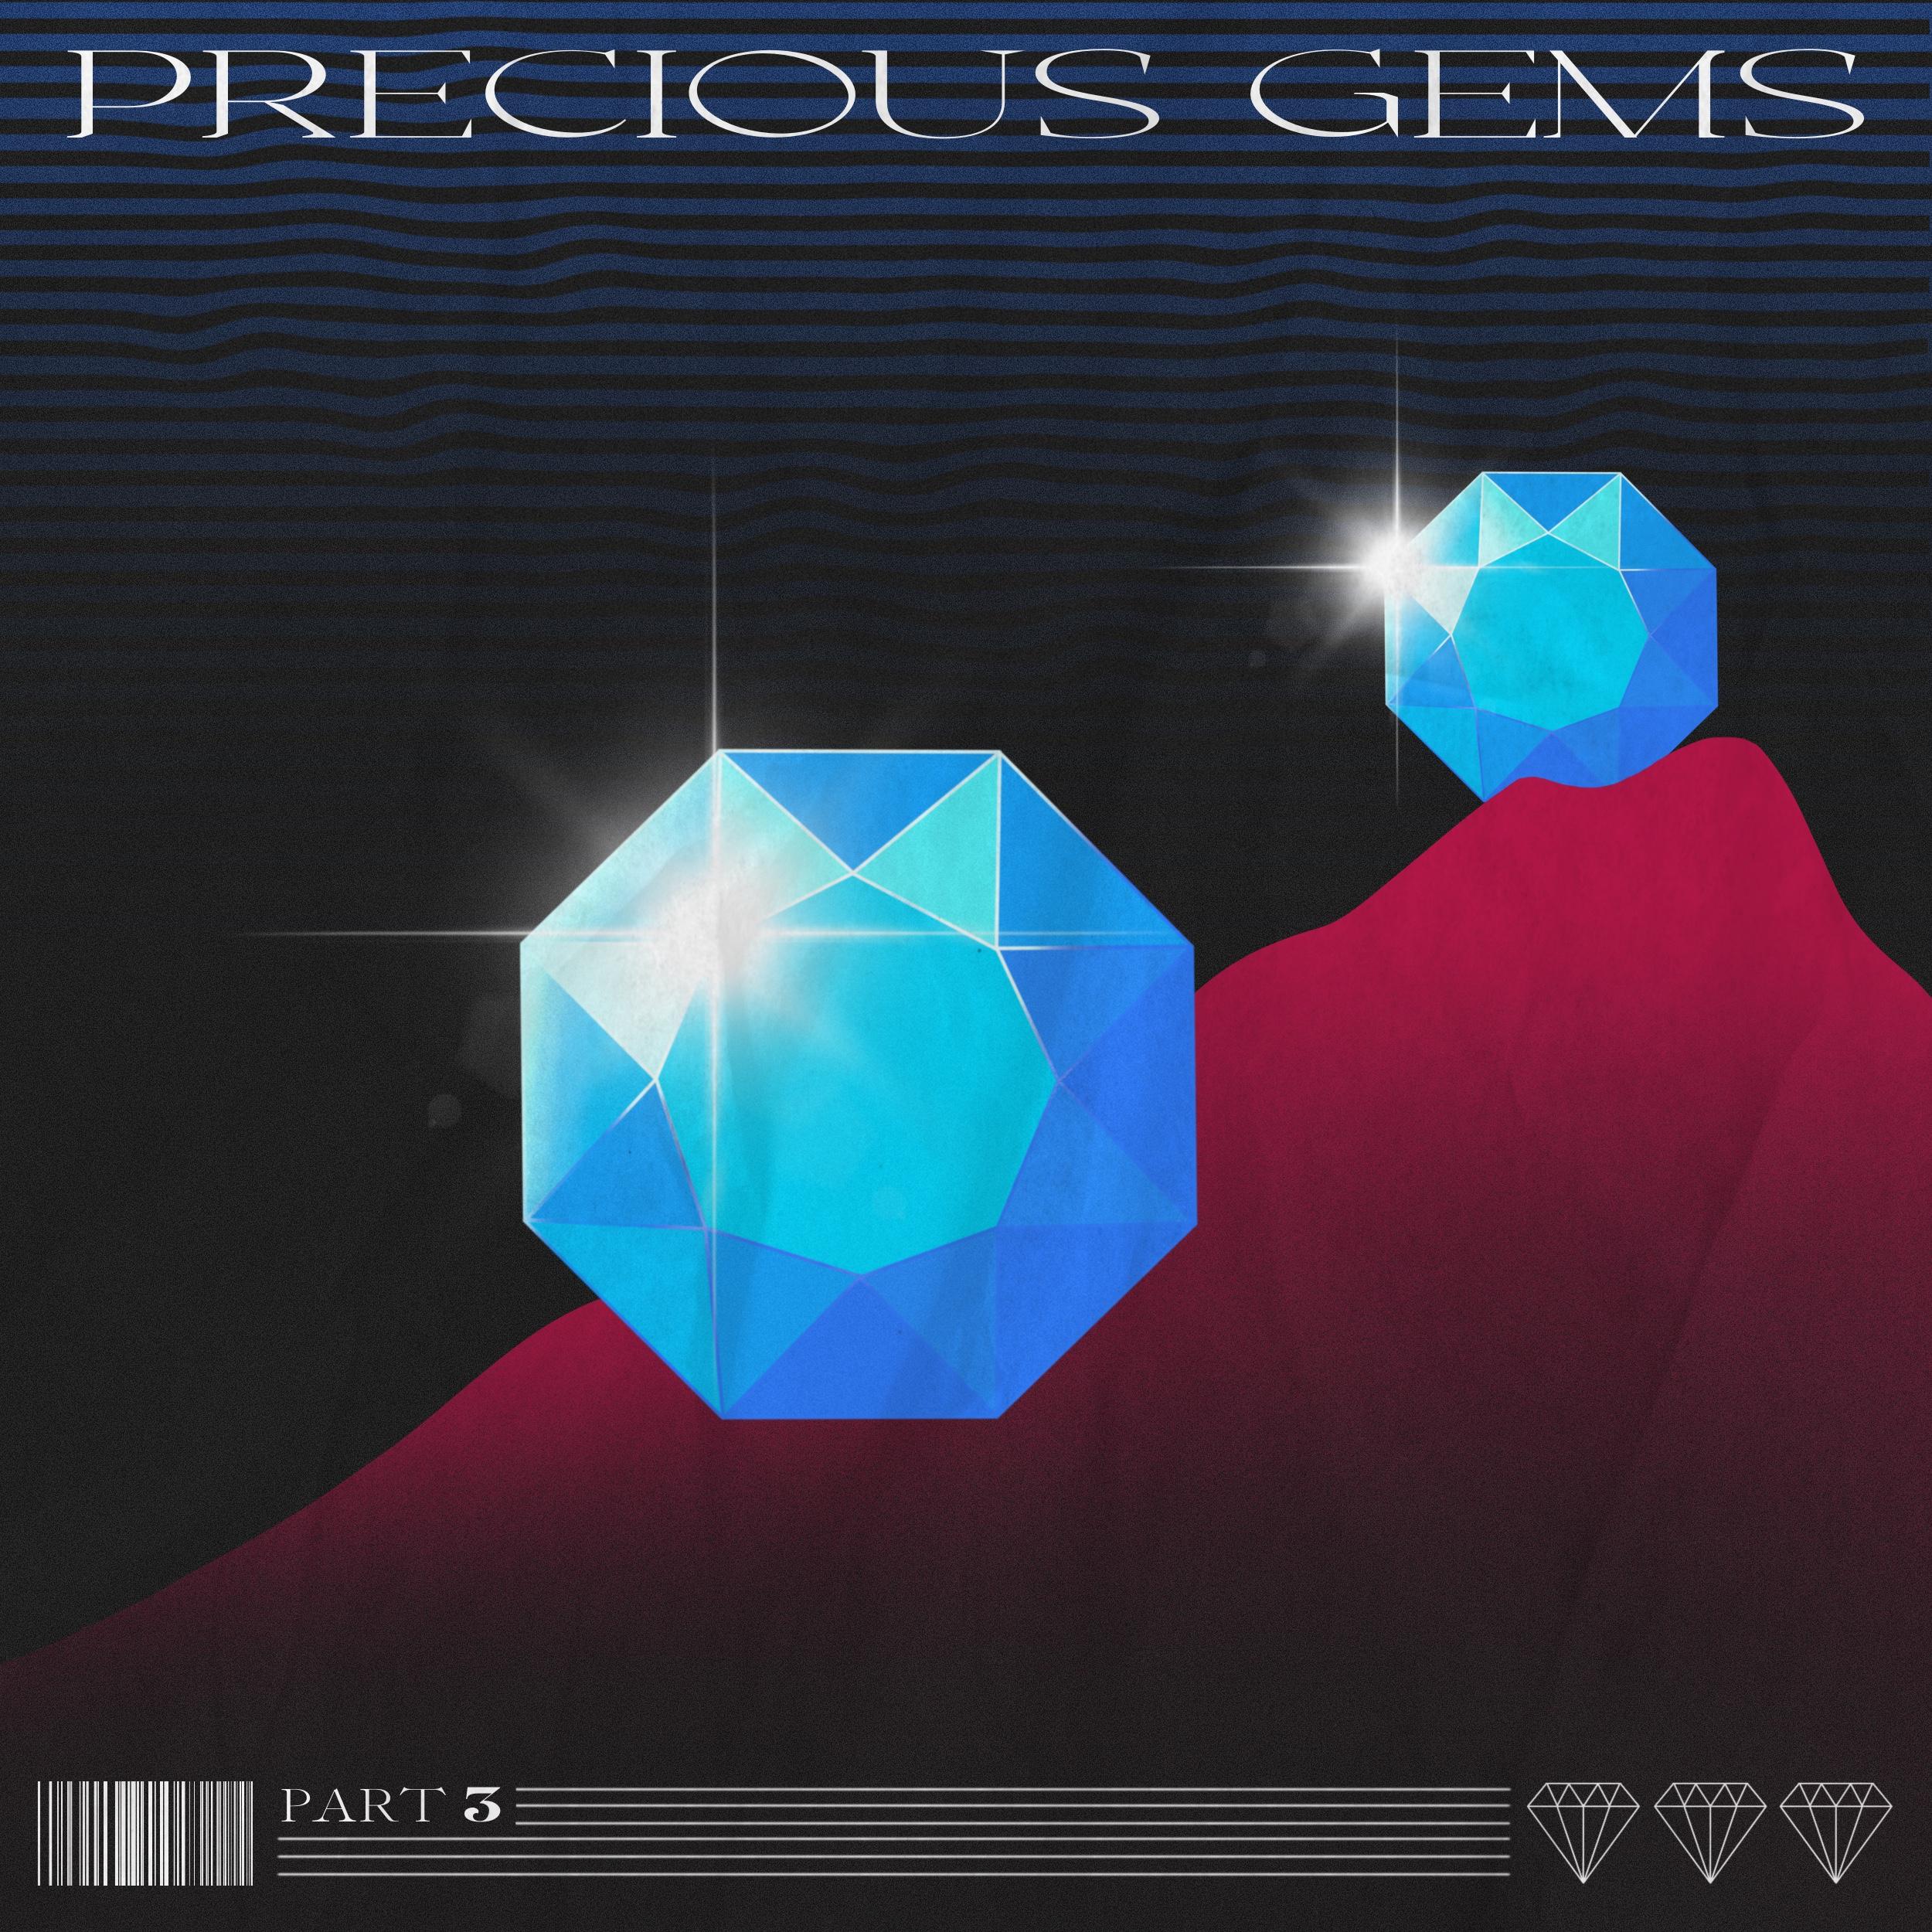 precious gems pt.3